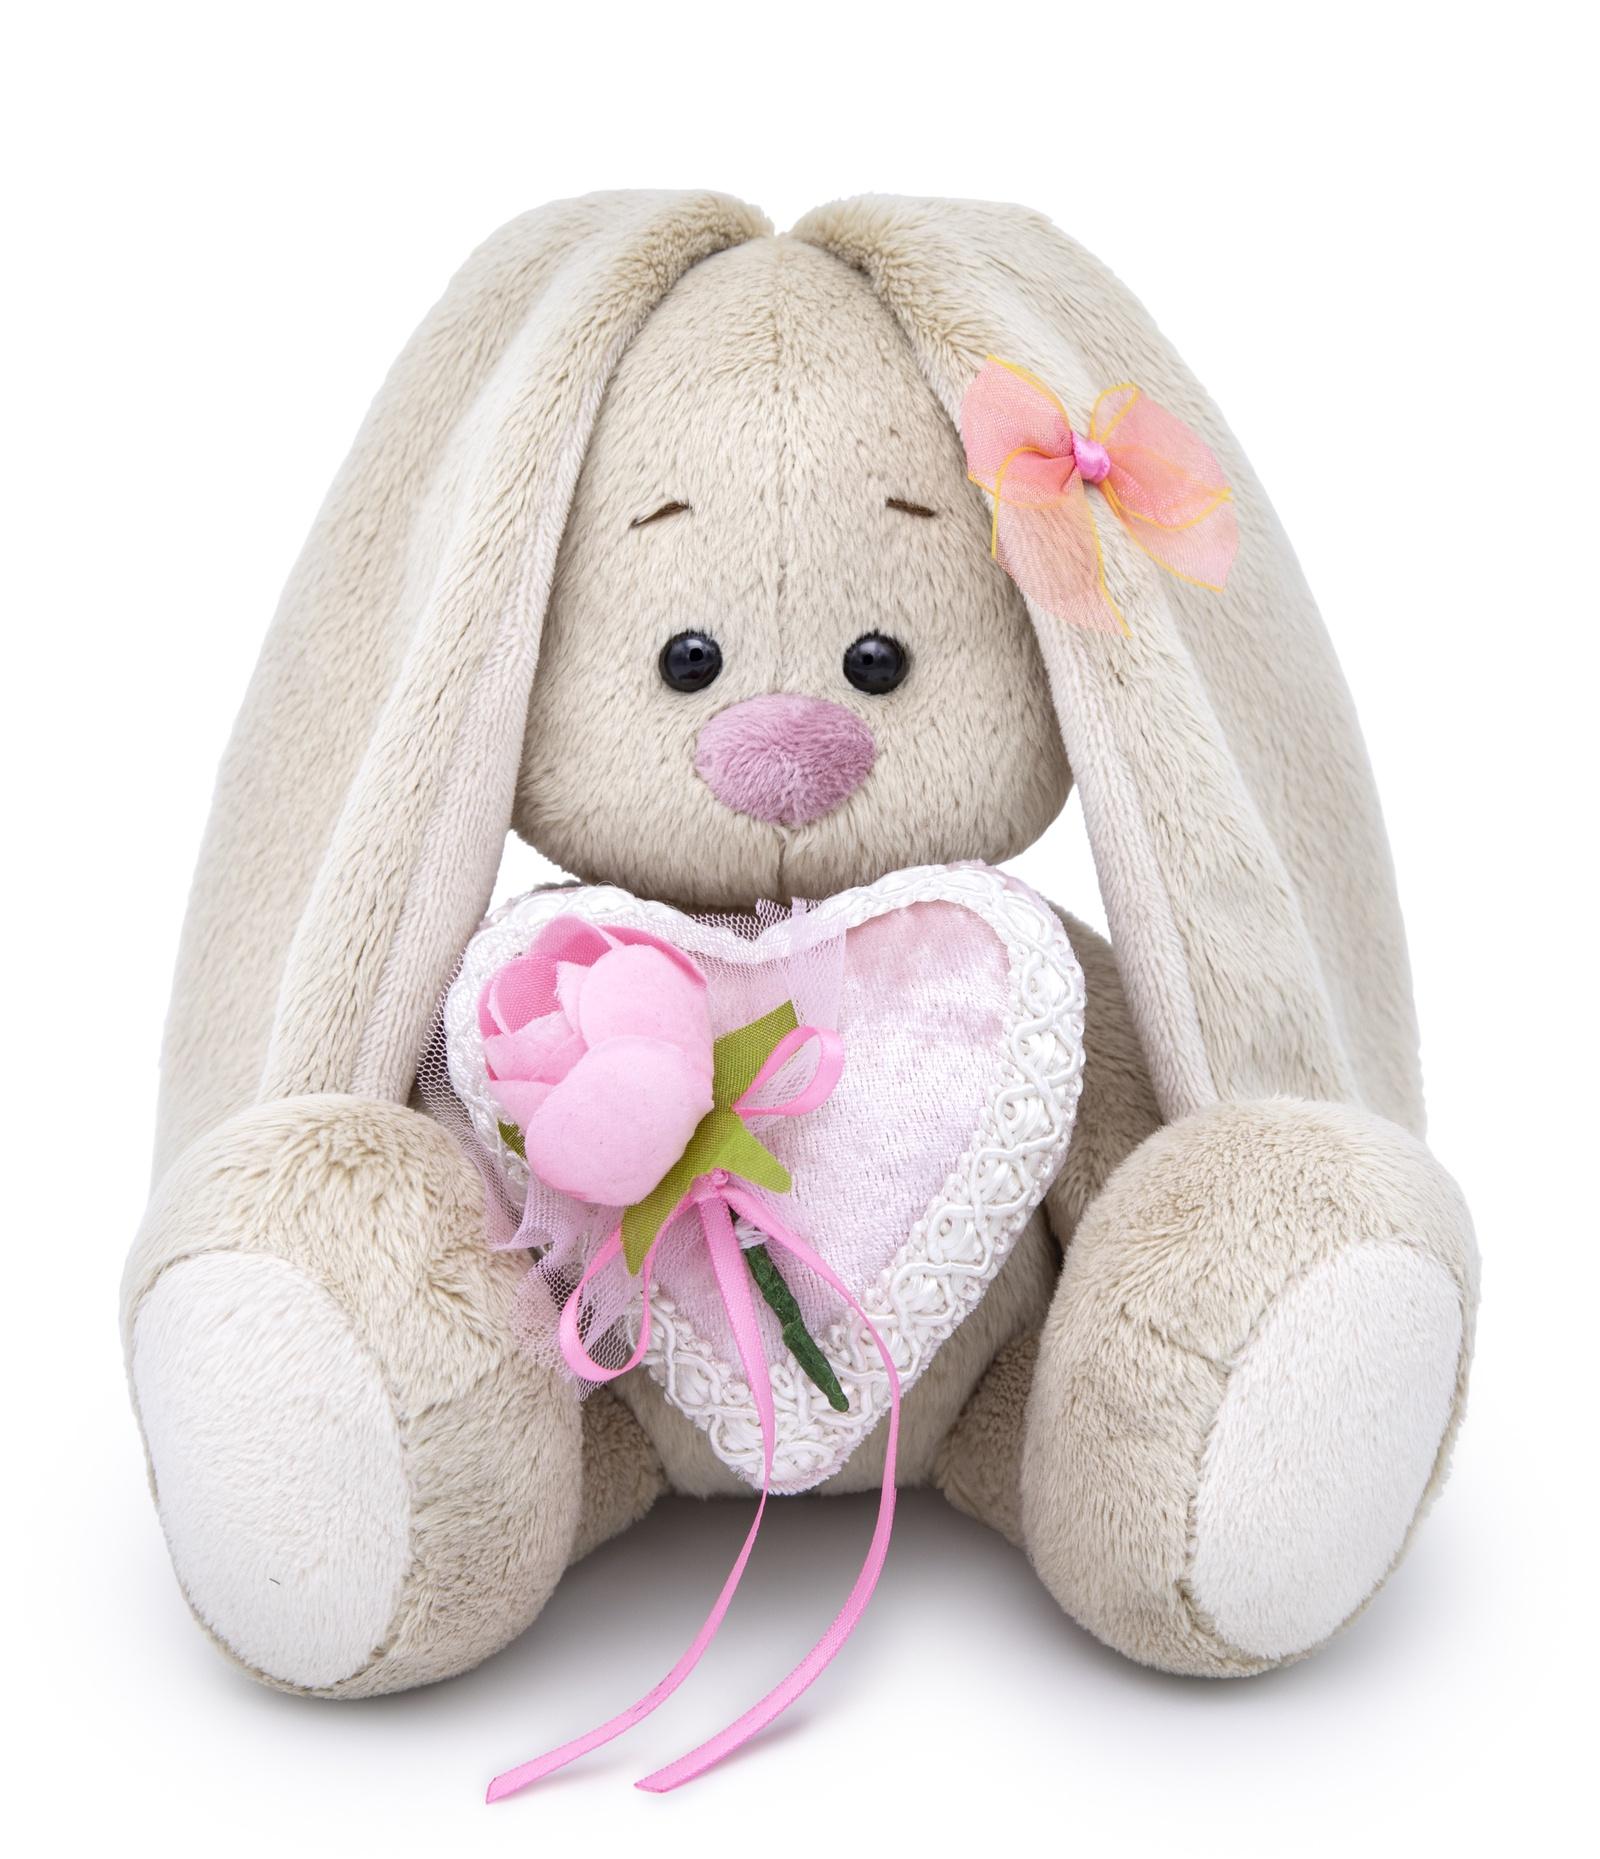 Мягкая игрушка Басик и Ко Зайка Ми малыш с сердцем из бархата, 15 см бежевый